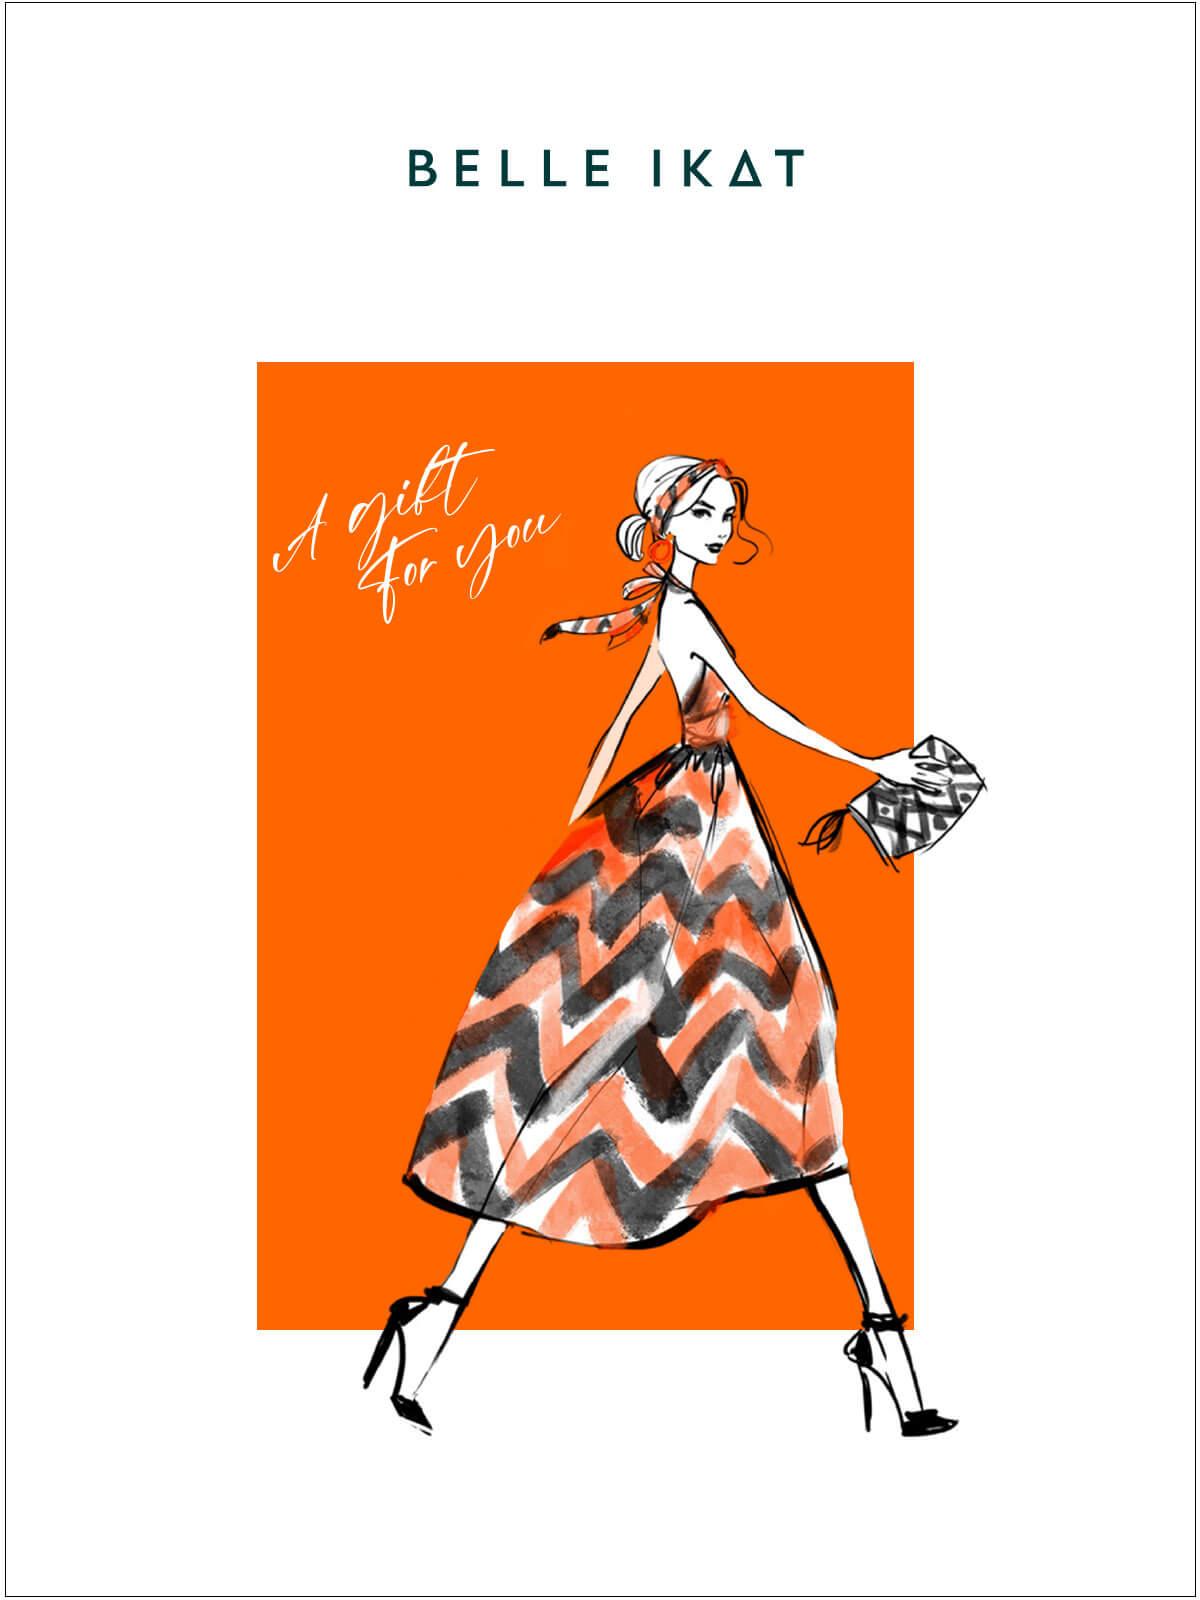 Illustration mit einem Modell in einem gemusterten Kleid von Belle Ikat